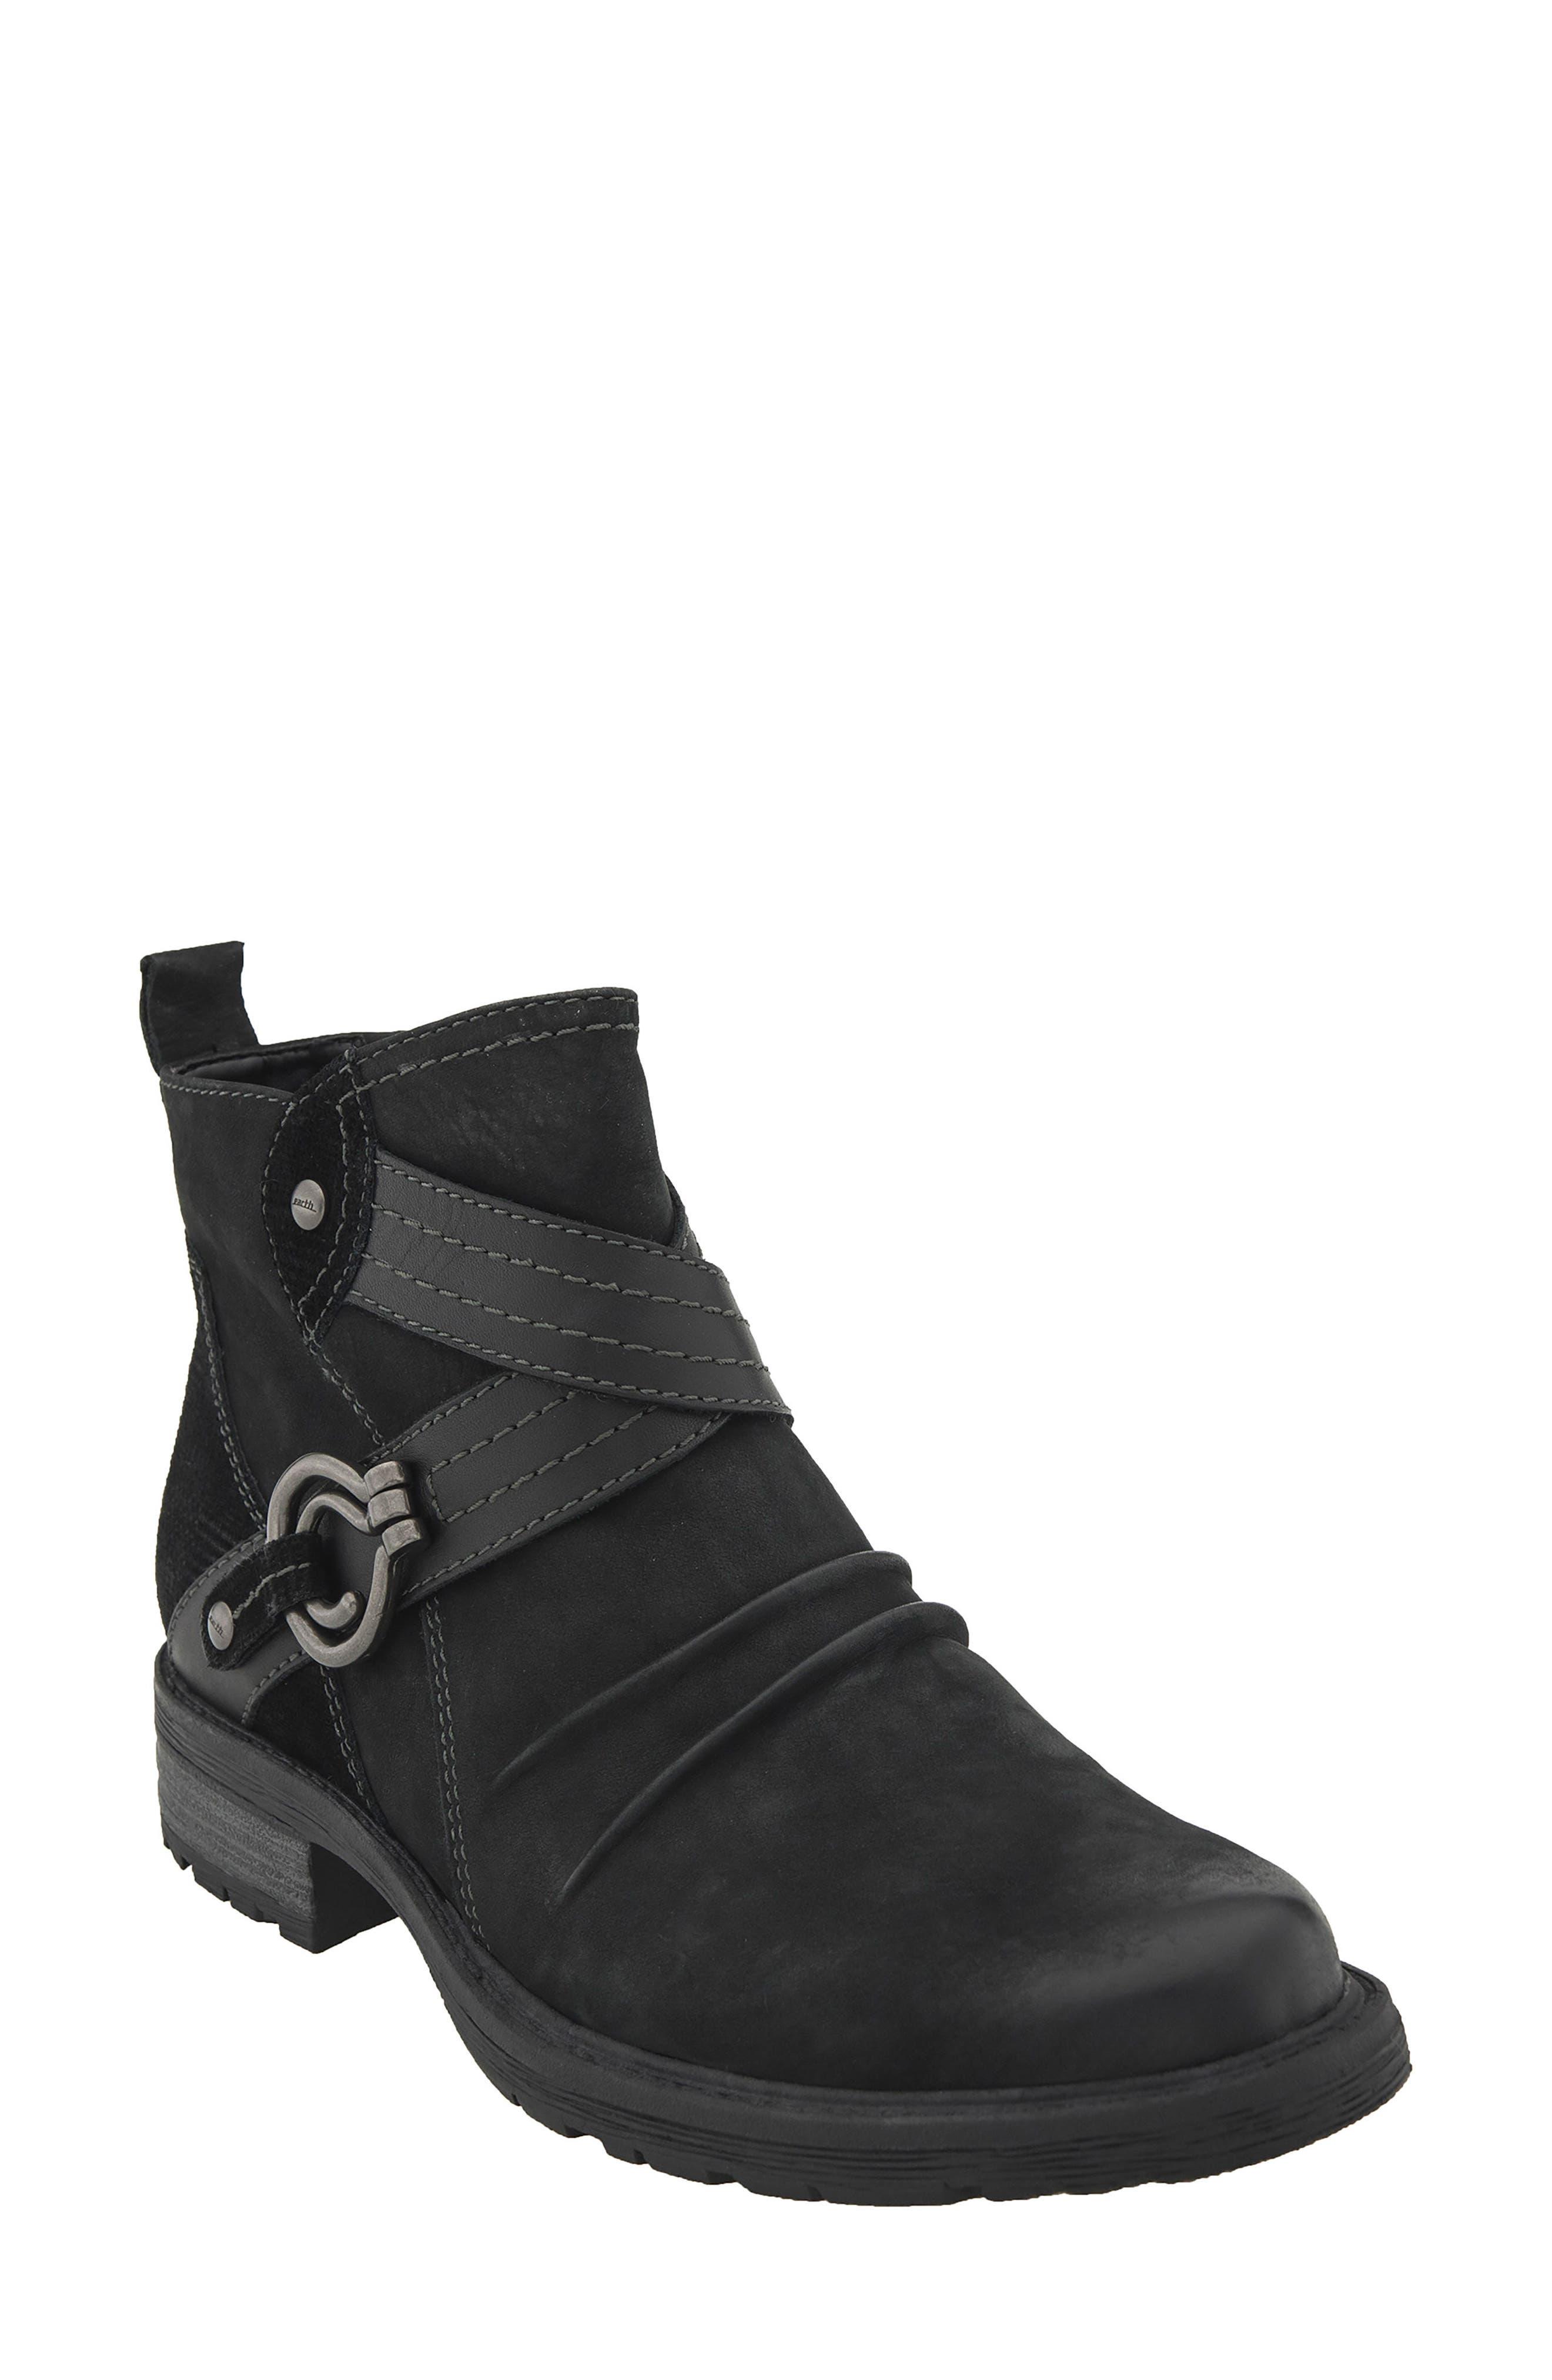 Alternate Image 1 Selected - Earth® Laurel Boot (Women)